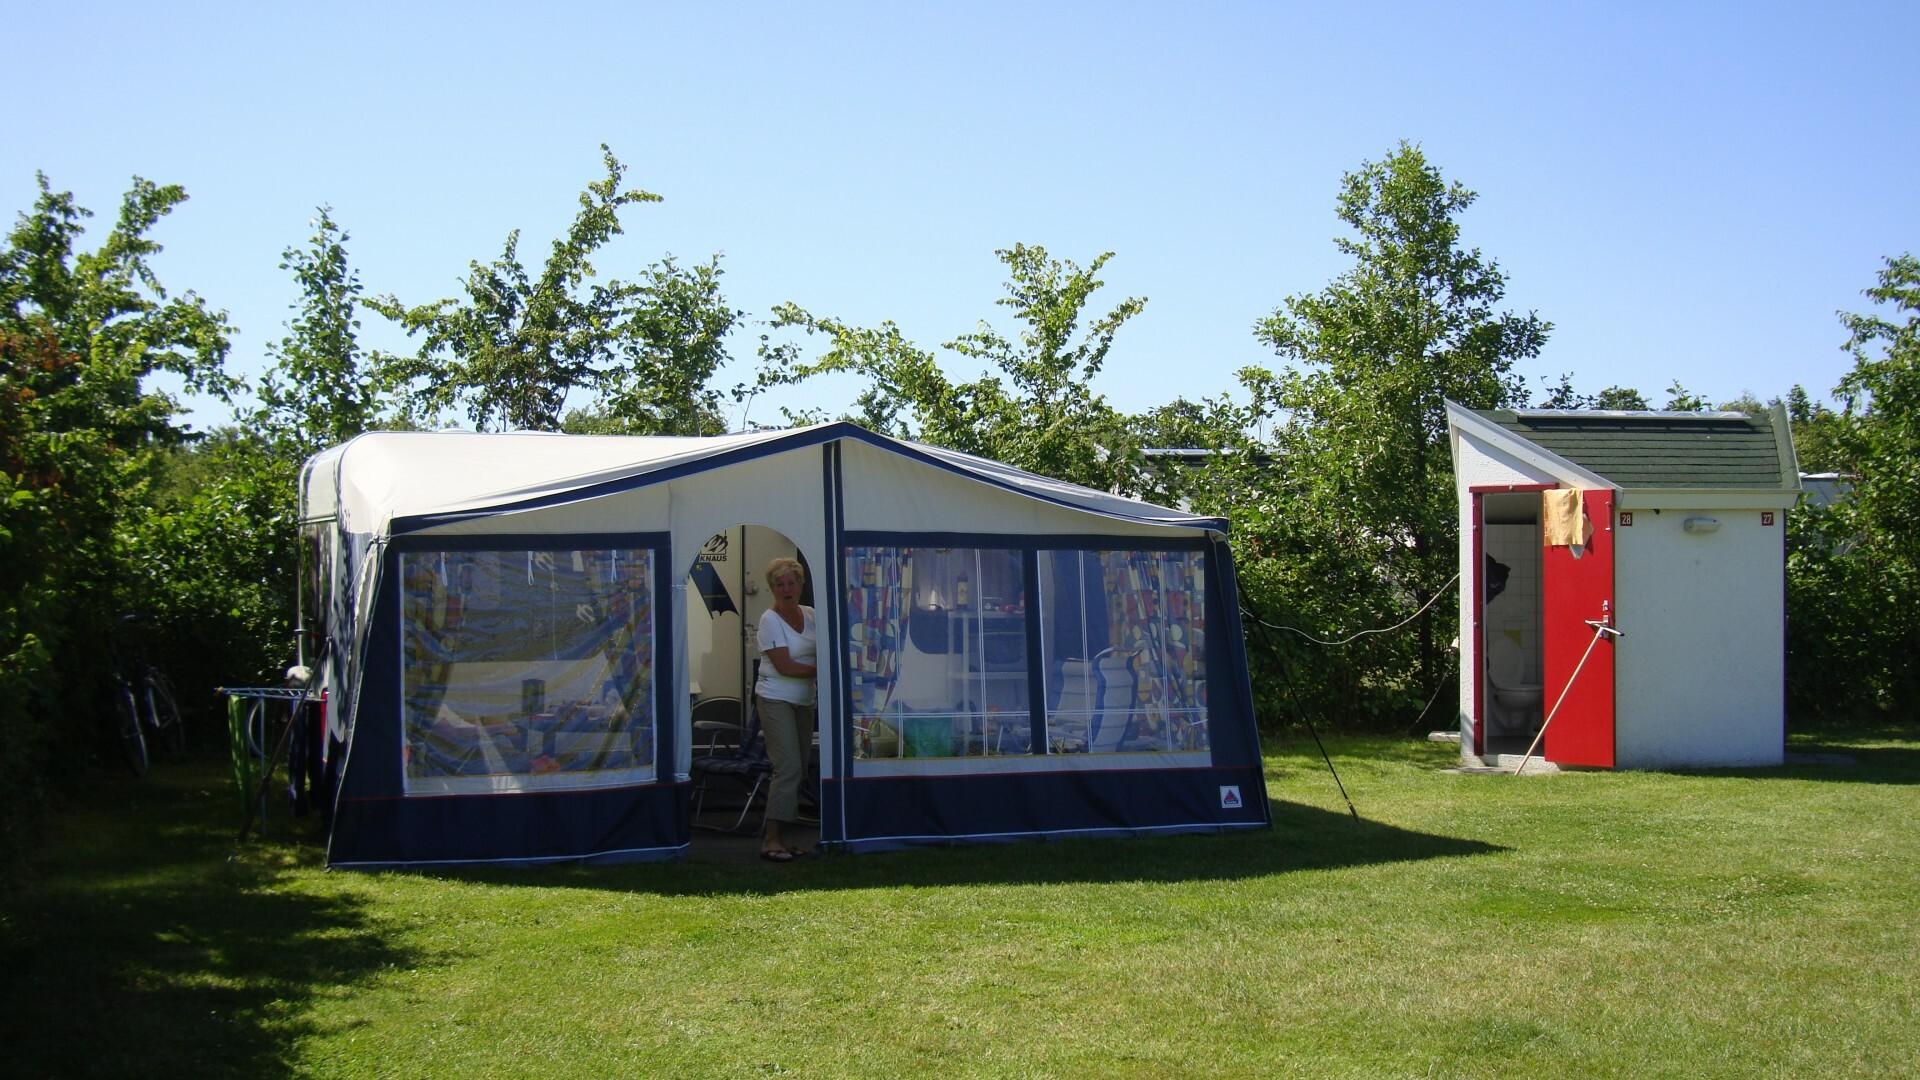 Caravan kamperen privesanitair koornaarborden VVV Texel